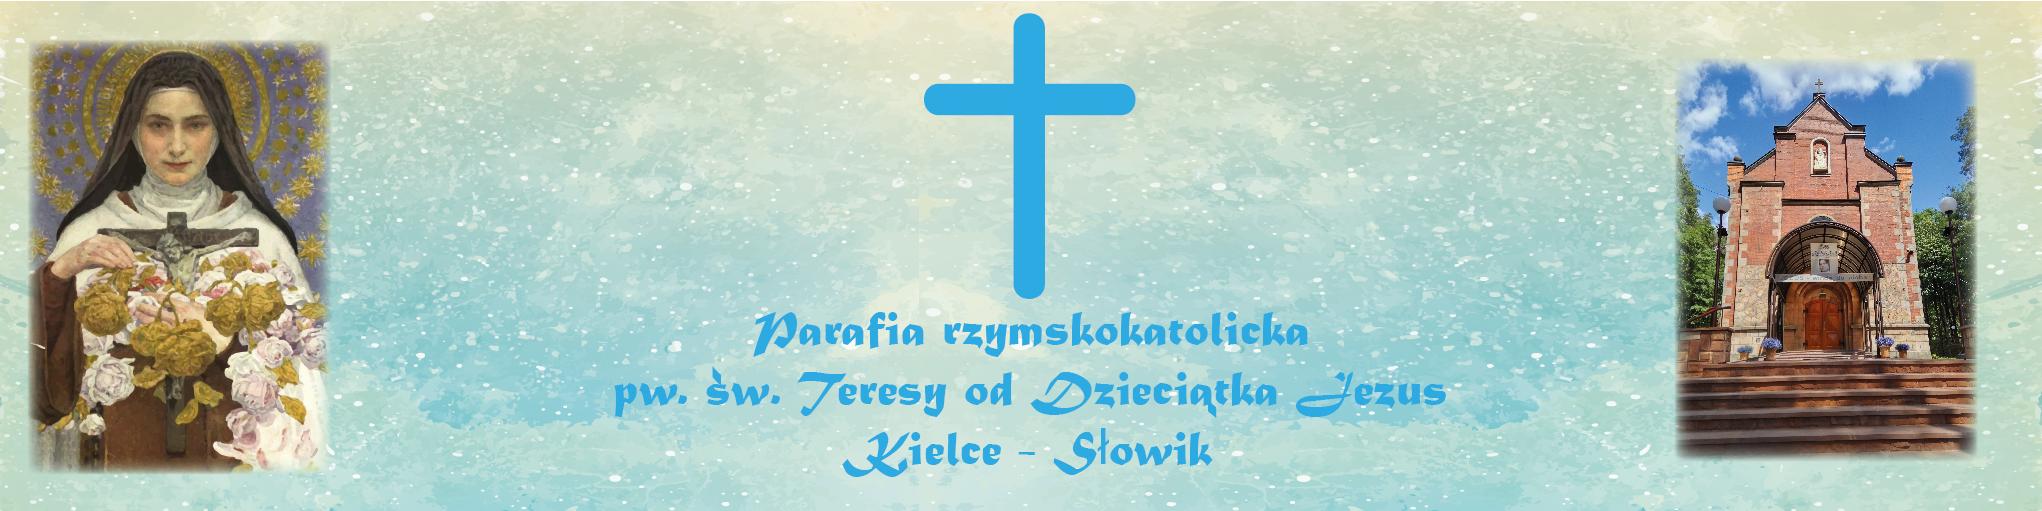 Rzymskokatolicka Parafia pw. Św. Teresy od Dzieciątka Jezus w Kielcach